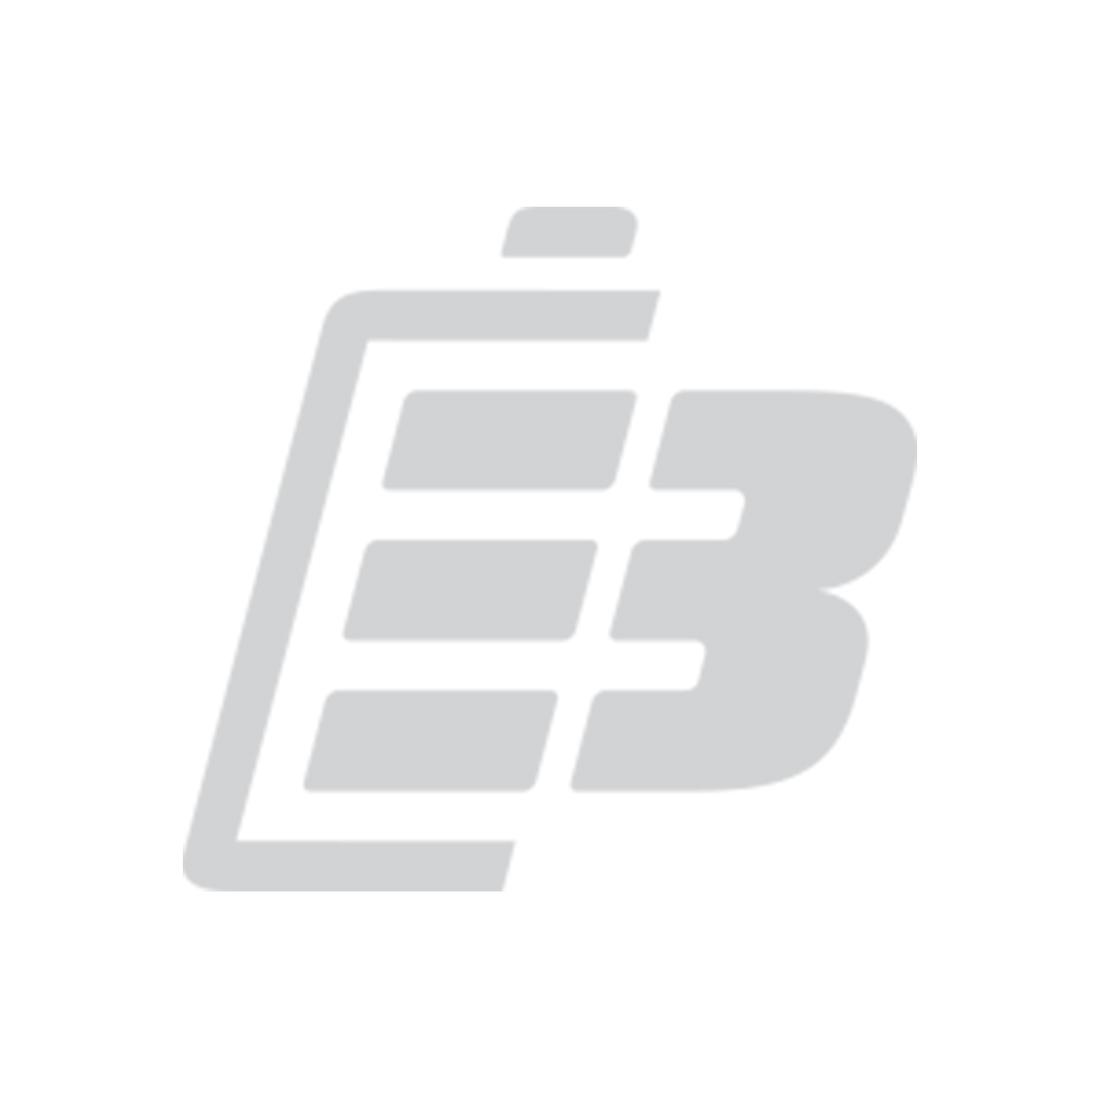 Barcode scanner battery Intermec CN2_1